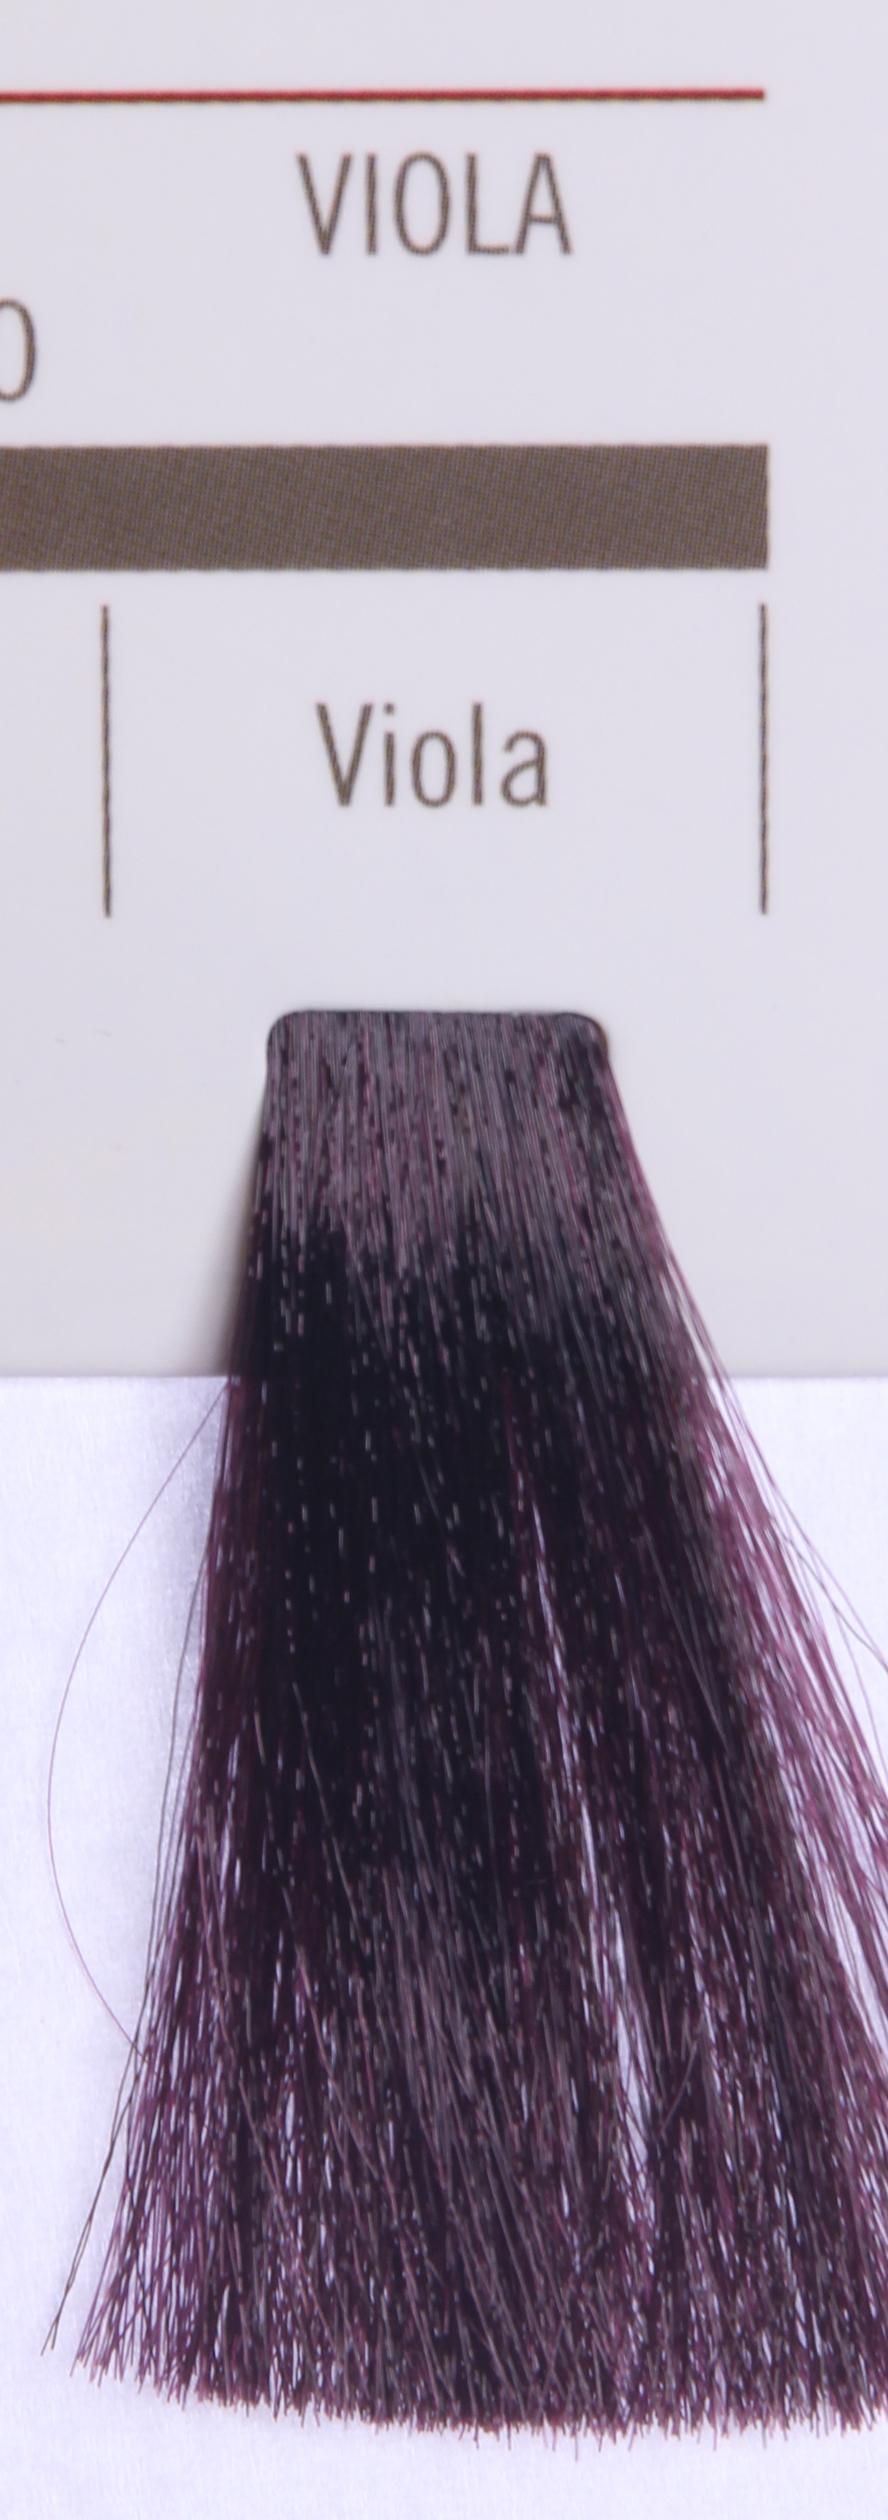 BAREX Корректор фиолетовый / PERMESSE 100млКорректоры<br>Корректор фиолетовый. Профессиональная крем-краска Permesse отличается низким содержанием аммиака - от 1 до 1,5%. Обеспечивает блестящий и натуральный косметический цвет, 100% покрытие седых волос, идеальное осветление, стойкость и насыщенность цвета до следующего окрашивания. Комплекс сертифицированных органических пептидов M4, входящих в состав, действует с момента нанесения, увлажняя волосы, придавая им прочность и защиту. Пептиды избирательно оседают в самых поврежденных участках волоса, восстанавливая и защищая их. Масло карите оказывает смягчающее и успокаивающее действие. Комплекс пептидов и масло карите стимулируют проникновение пигментов вглубь структуры волоса, придавая им здоровый вид, блеск и долговечность косметическому цвету. Активные ингредиенты:&amp;nbsp;Сертифицированные органические пептиды М4 - пептиды овса, бразильского ореха, сои и пшеницы, объединенные в полифункциональный комплекс, придающий прочность окрашенным волосам, увлажняющий и защищающий их. Сертифицированное органическое масло карите (масло ши) - богато жирными кислотами, экстрагируется из ореха африканского дерева карите. Оказывает смягчающий и целебный эффект на кожу и волосы, широко применяется в косметической индустрии. Масло карите защищает волосы от неблагоприятного воздействия внешней среды, интенсивно увлажняет кожу и волосы, т.к. обладает высокой степенью абсорбции, не забивает поры. Способ применения:&amp;nbsp;Крем-краска готовится в смеси с Молочком-оксигентом Permesse 10/20/30/40 объемов в соотношении 1:1 (например, 50 мл крем-краски + 50 мл молочка-оксигента). Молочко-оксигент работает в сочетании с крем-краской и гарантирует идеальное проявление краски. Тюбик крем-краски Permesse содержит 100 мл продукта, количество, достаточное для 2 полных нанесений. Всегда надевайте подходящие специальные перчатки перед подготовкой и нанесением краски. Подготавливайте смесь крем-краски и молочка-оксигента Permesse в неметалличес